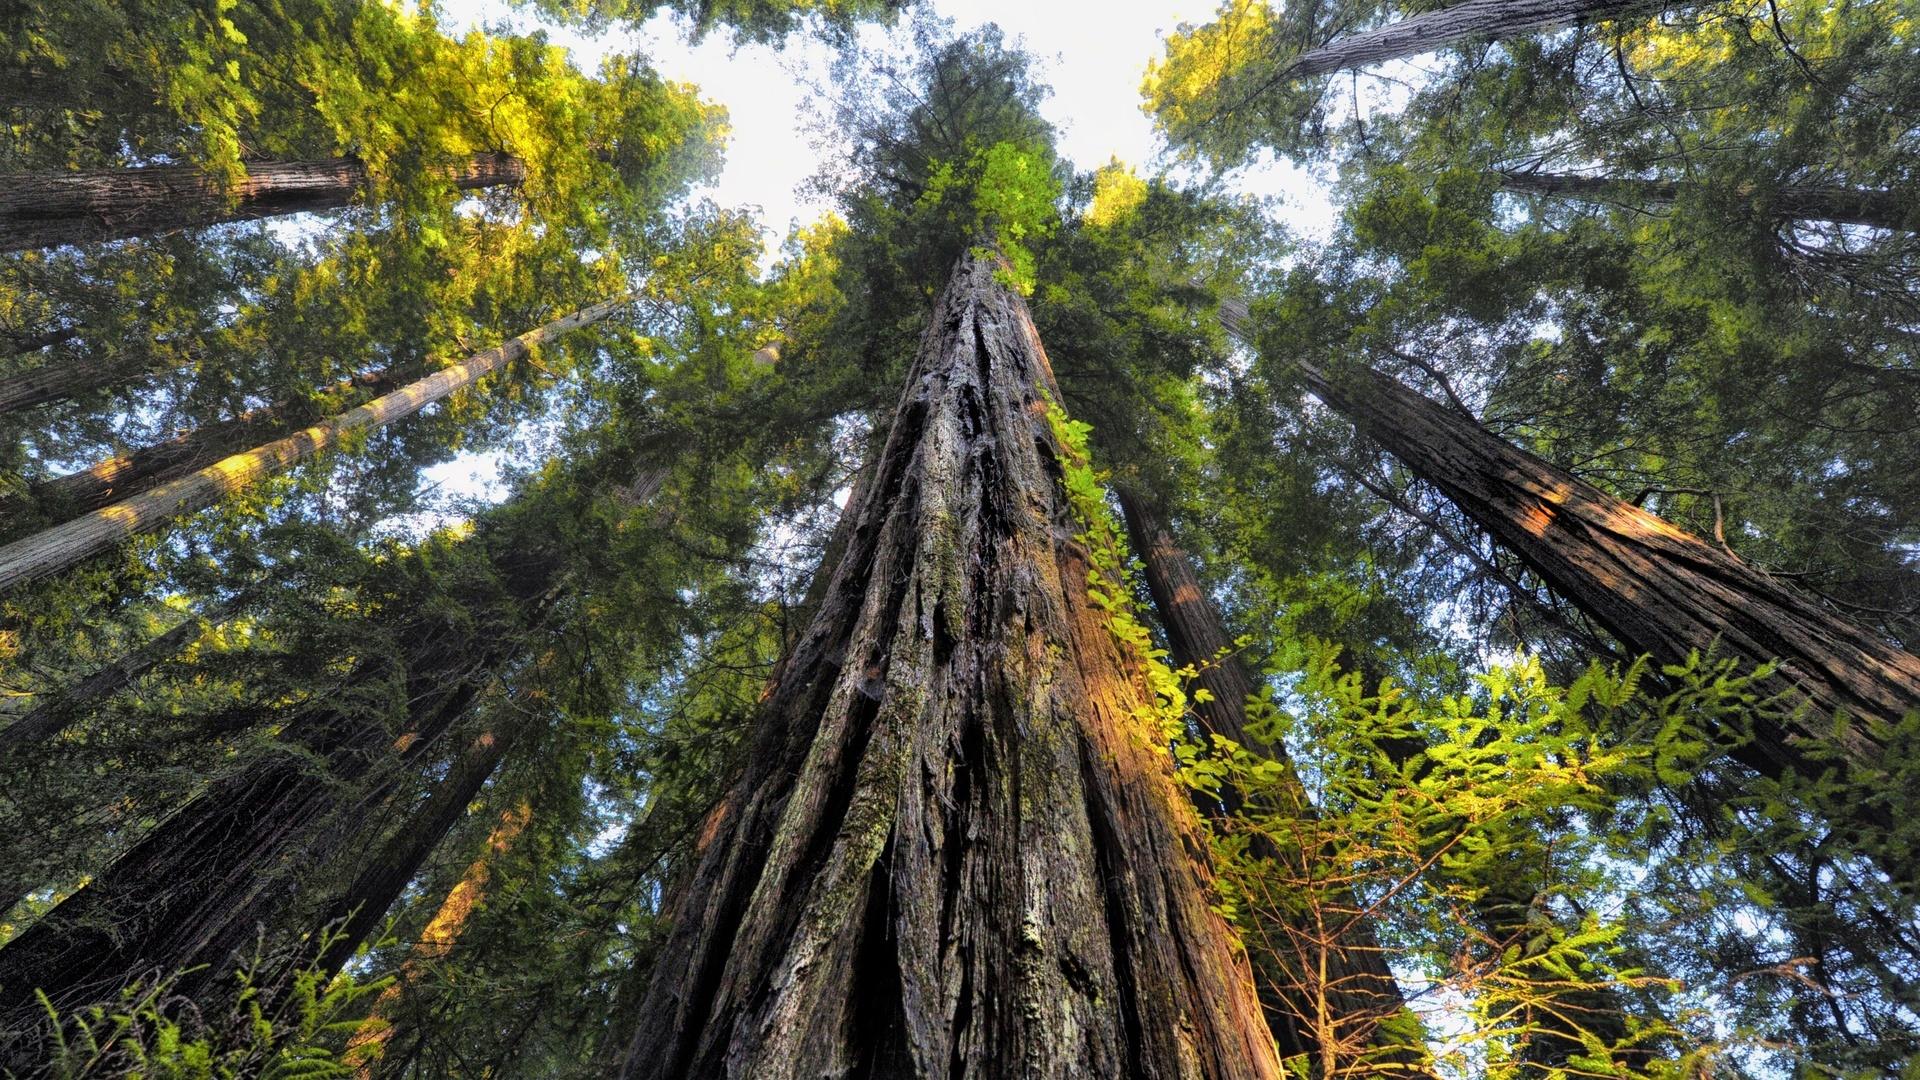 национальный парк, секвойя, вековые деревья, лес, ветви